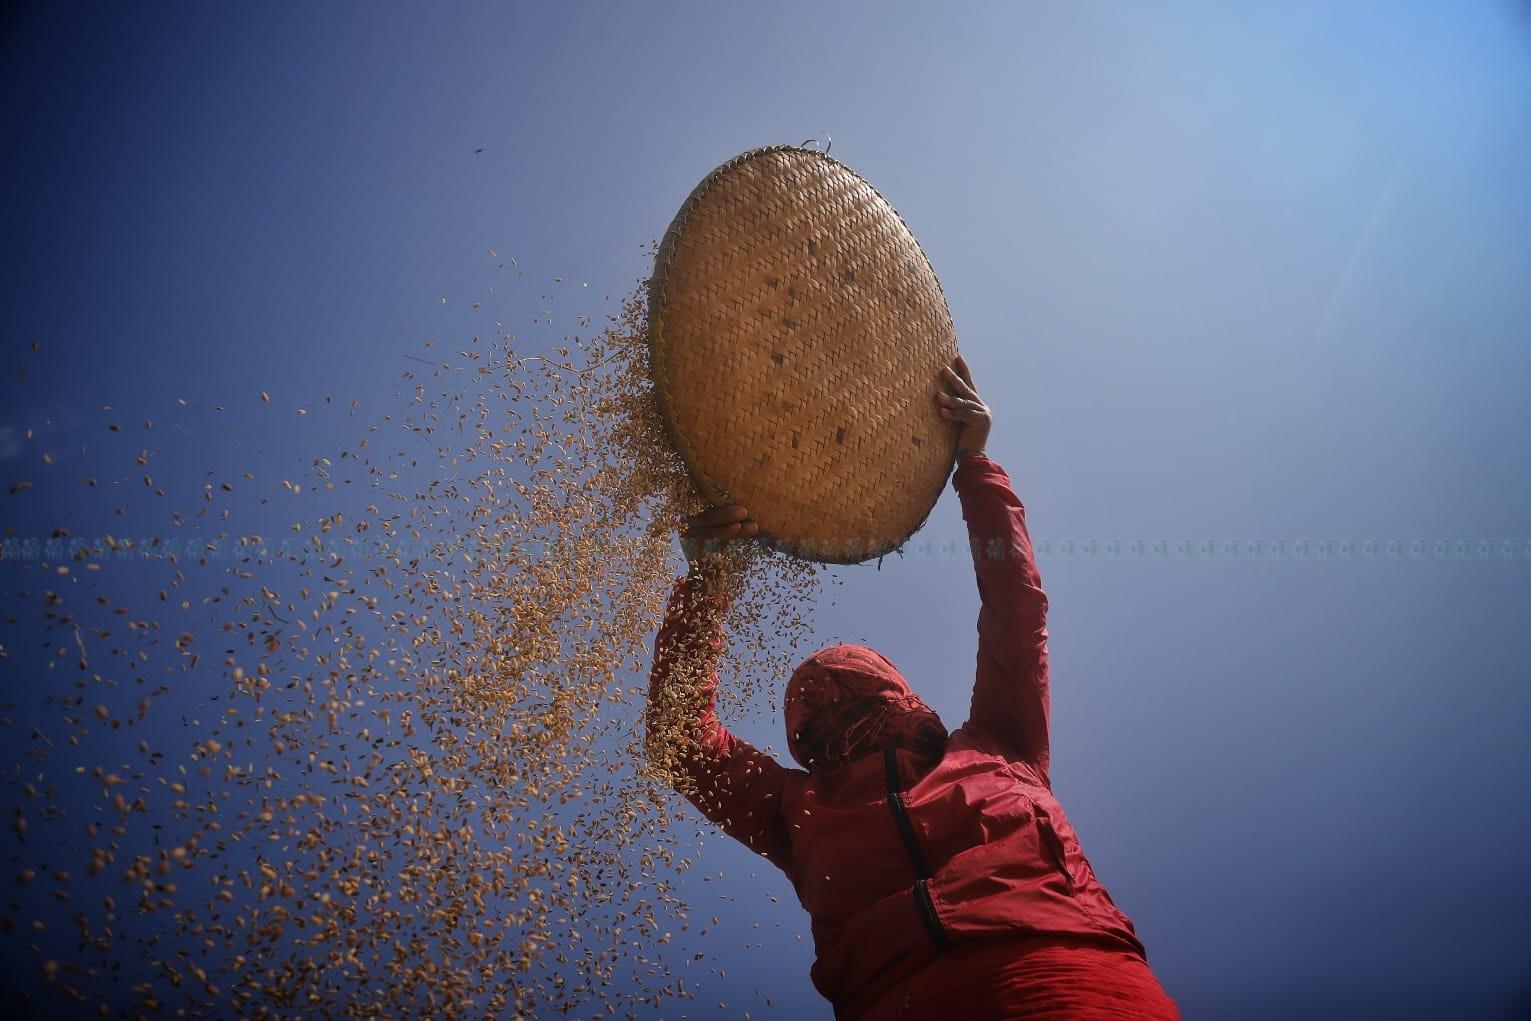 ललितपुरकोखोकनामा धान बत्याउँदै किसान। तस्बिर: निशा भण्डारी/सेतोपाटी